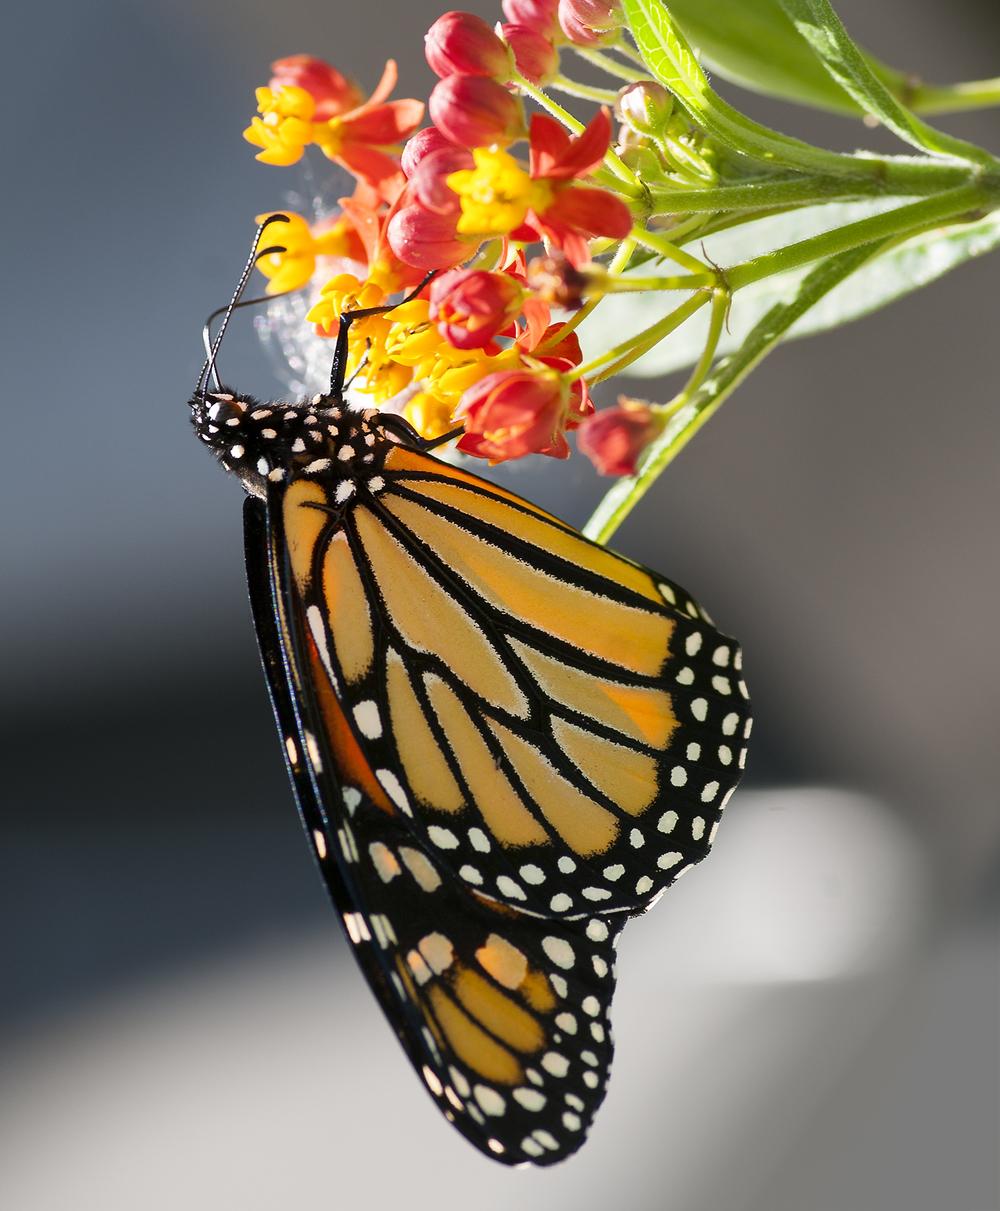 Adult Monarch - Danaus plexippus ♀